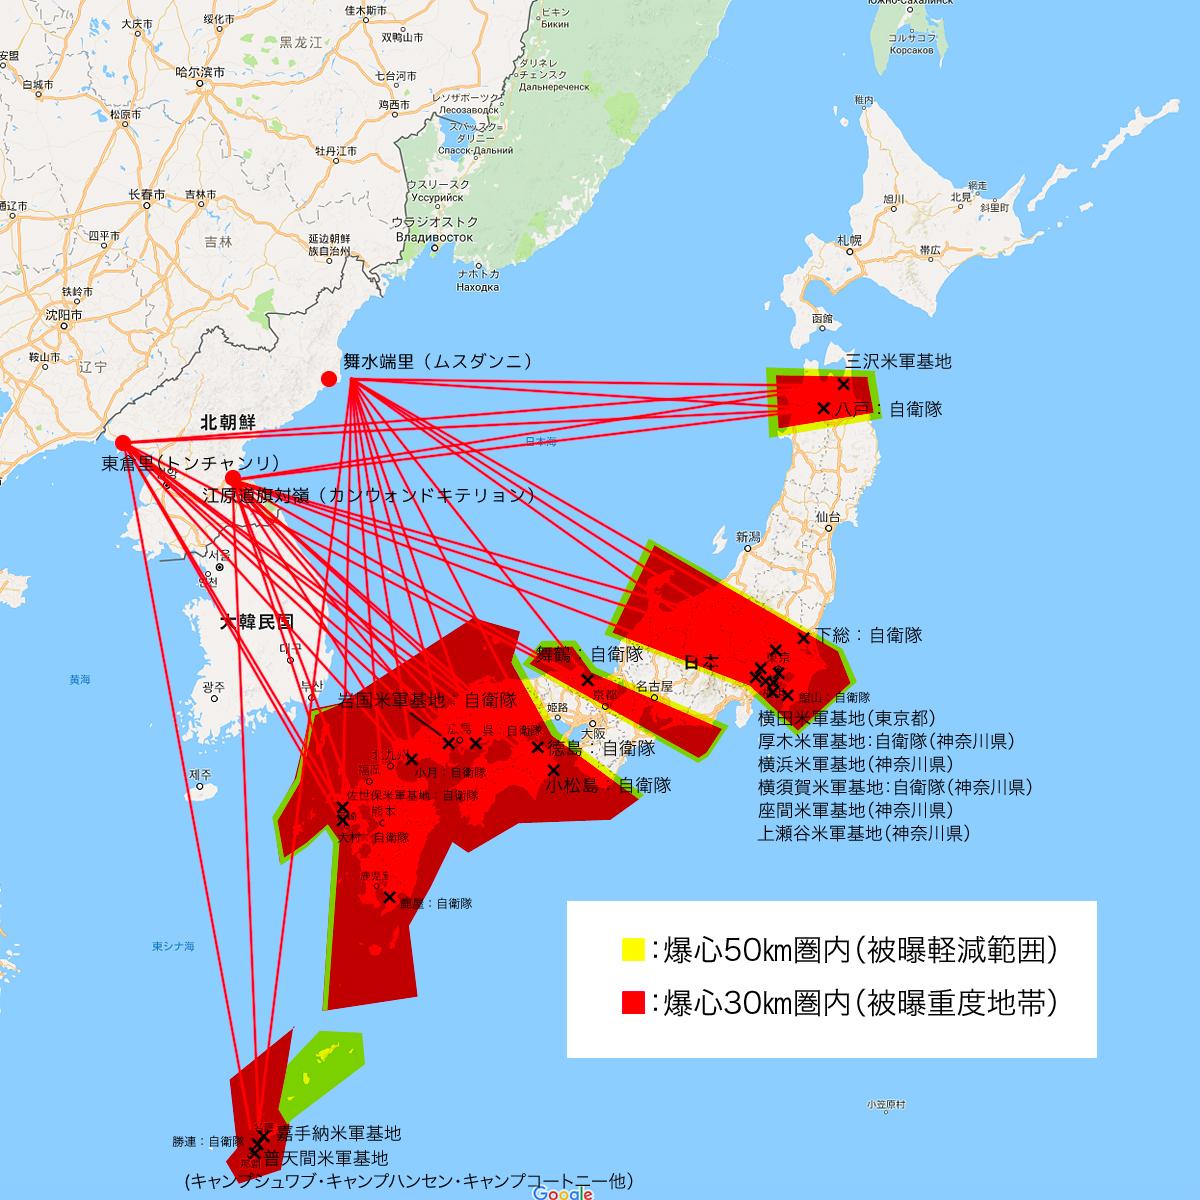 日本への核攻撃